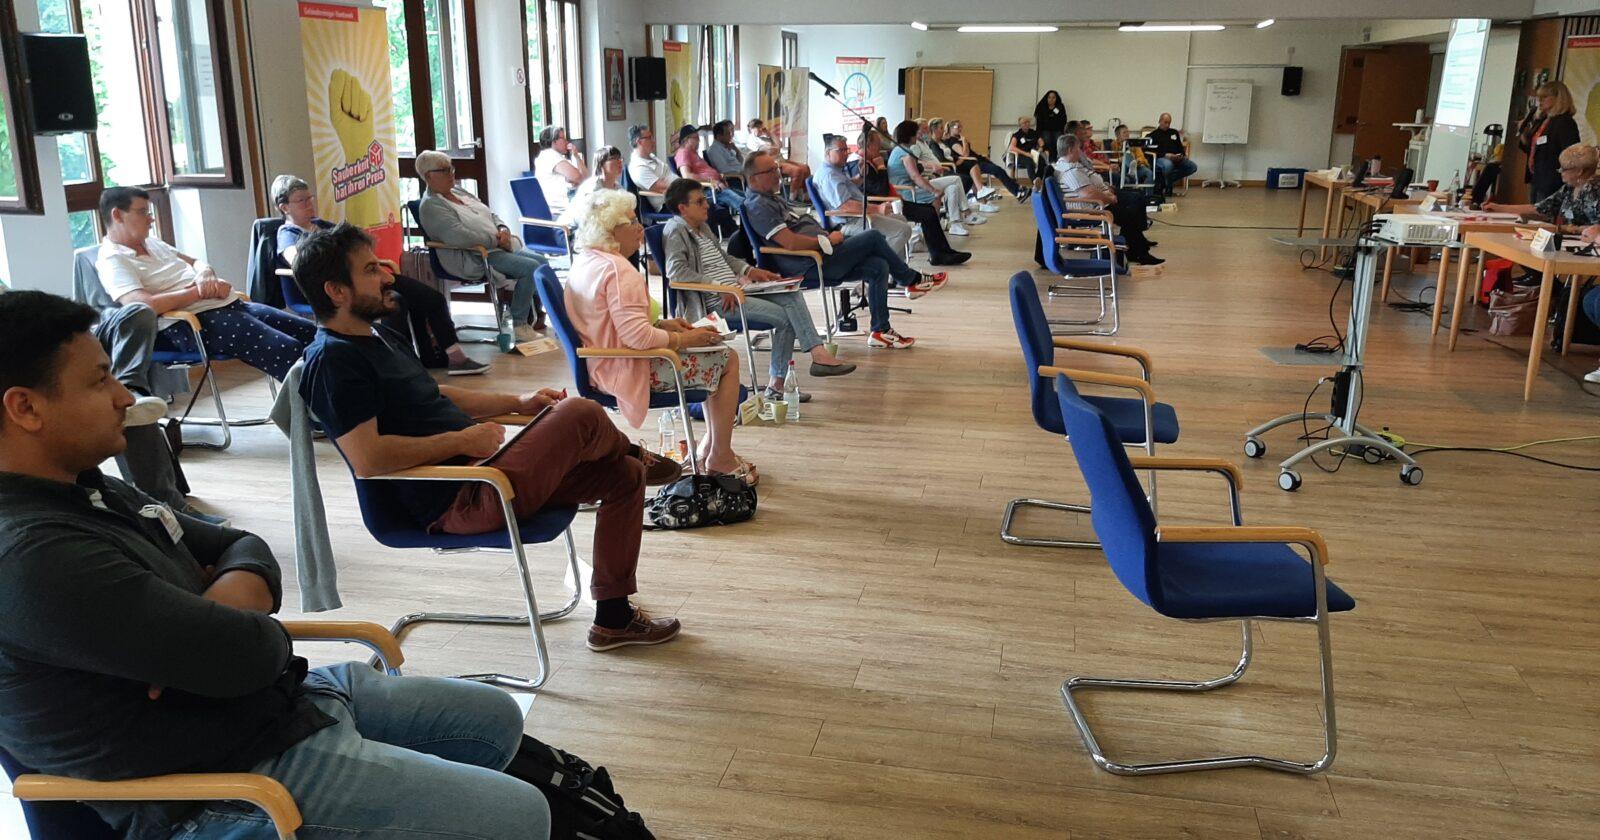 Bundesfachgruppe Gebäudereiniger-Handwerk: IG BAU Aktive trafen sich in Steinbach zu gemeinsamer Konferenz